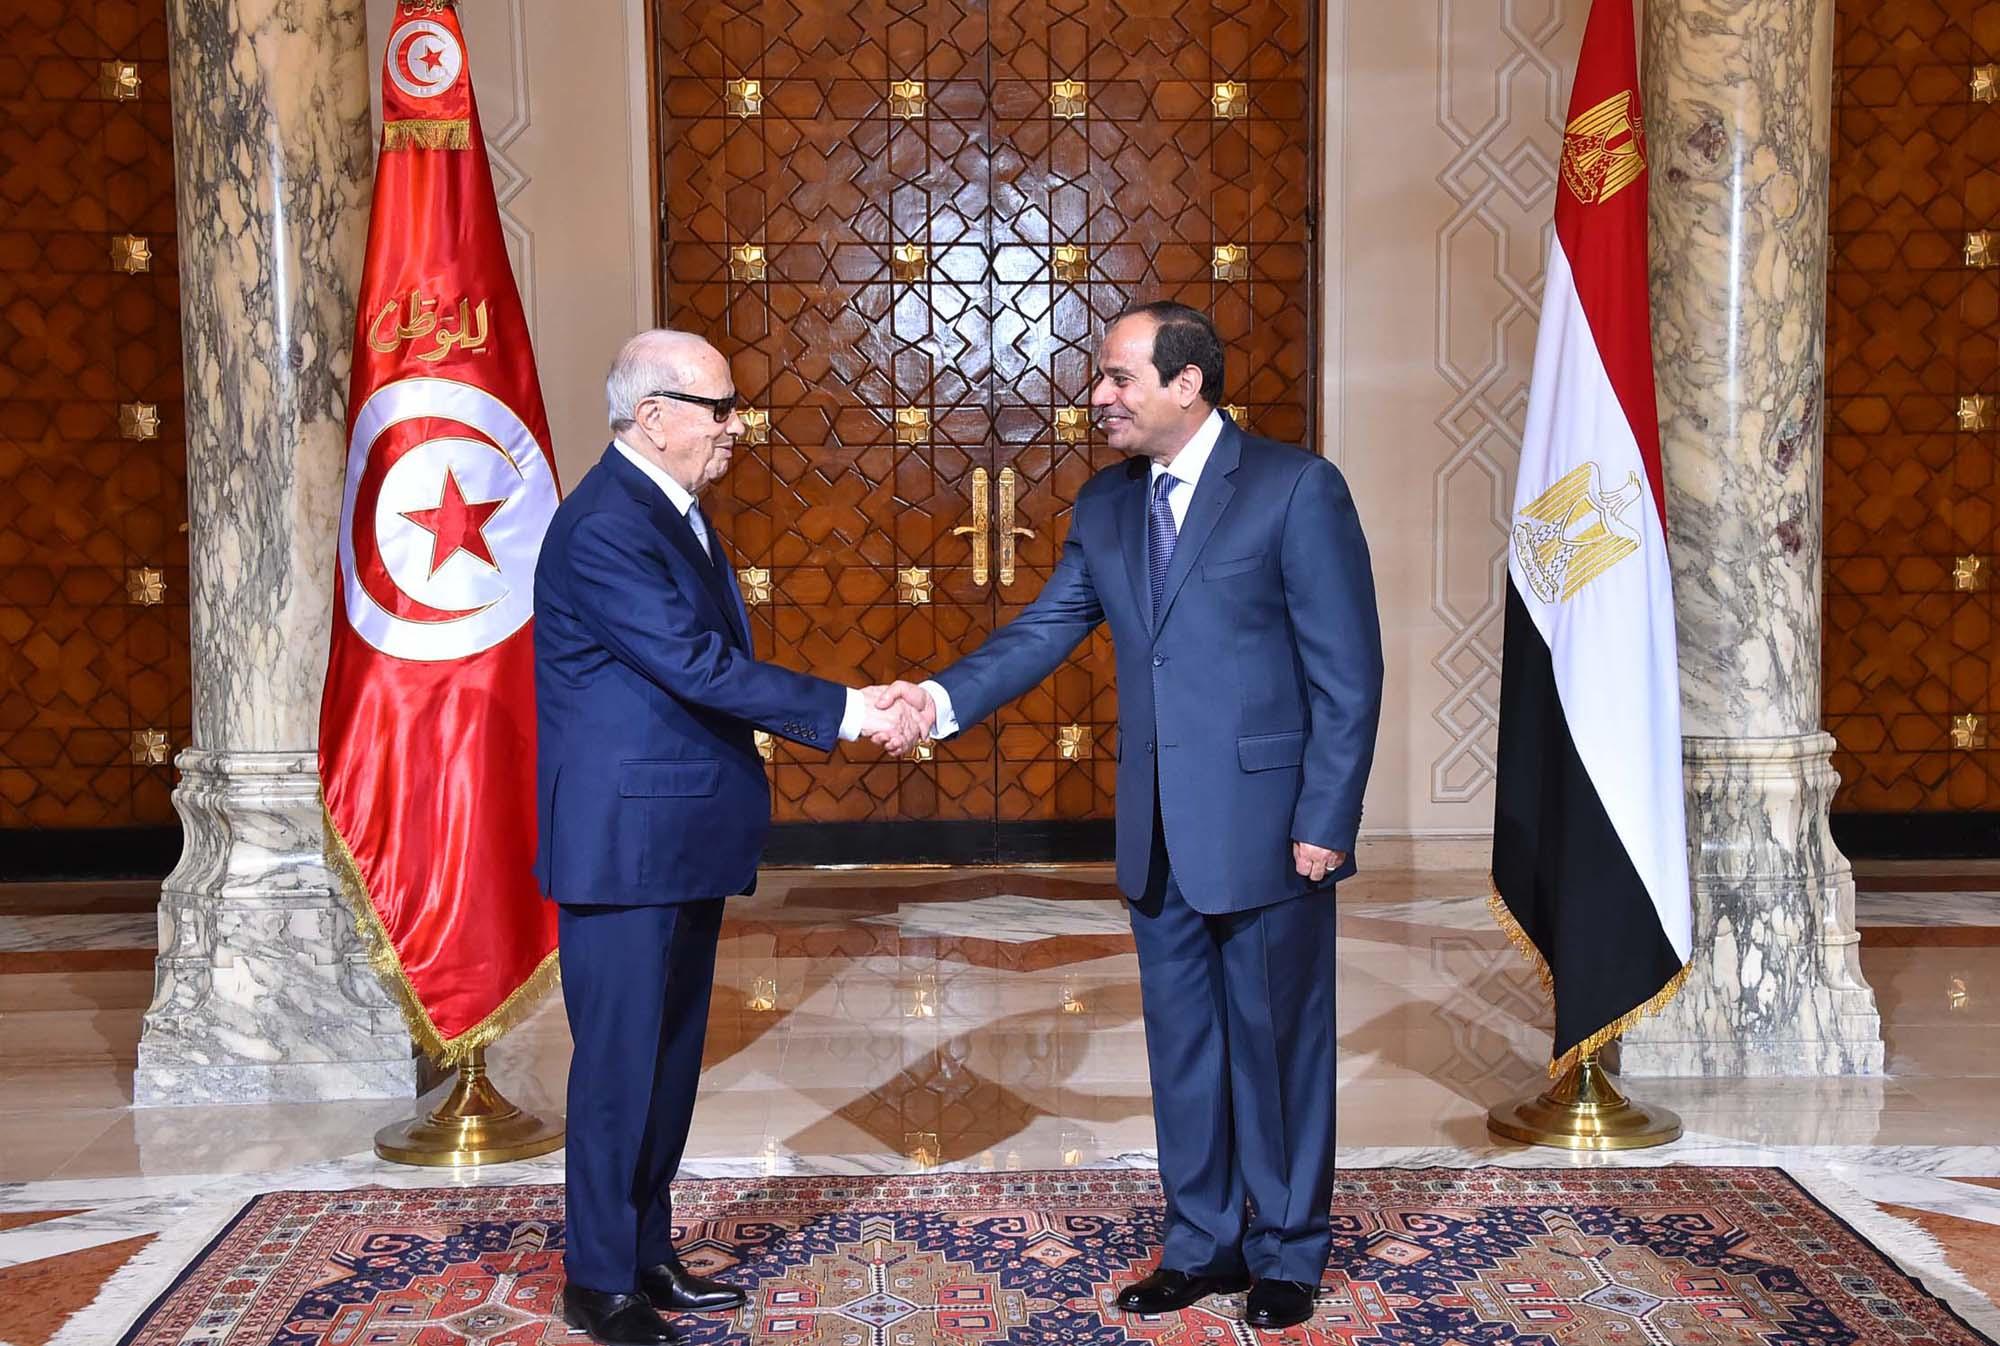 قريبا: عبد الفتاح السيسي لأول مرة في تونس